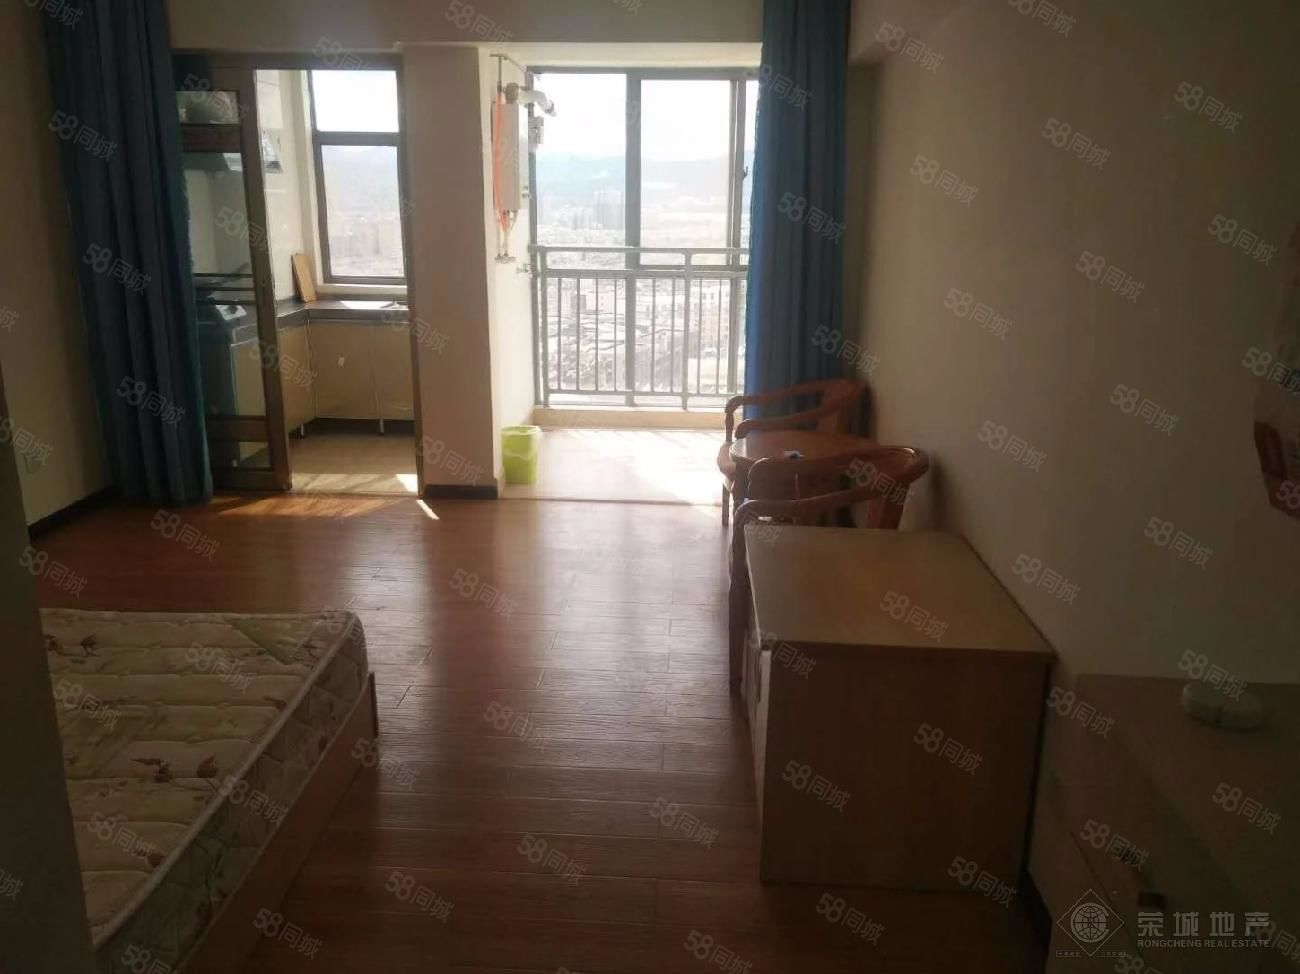 玉溪中心城区极中心低价单身公寓带家具精装修房东诚心澳门金沙平台